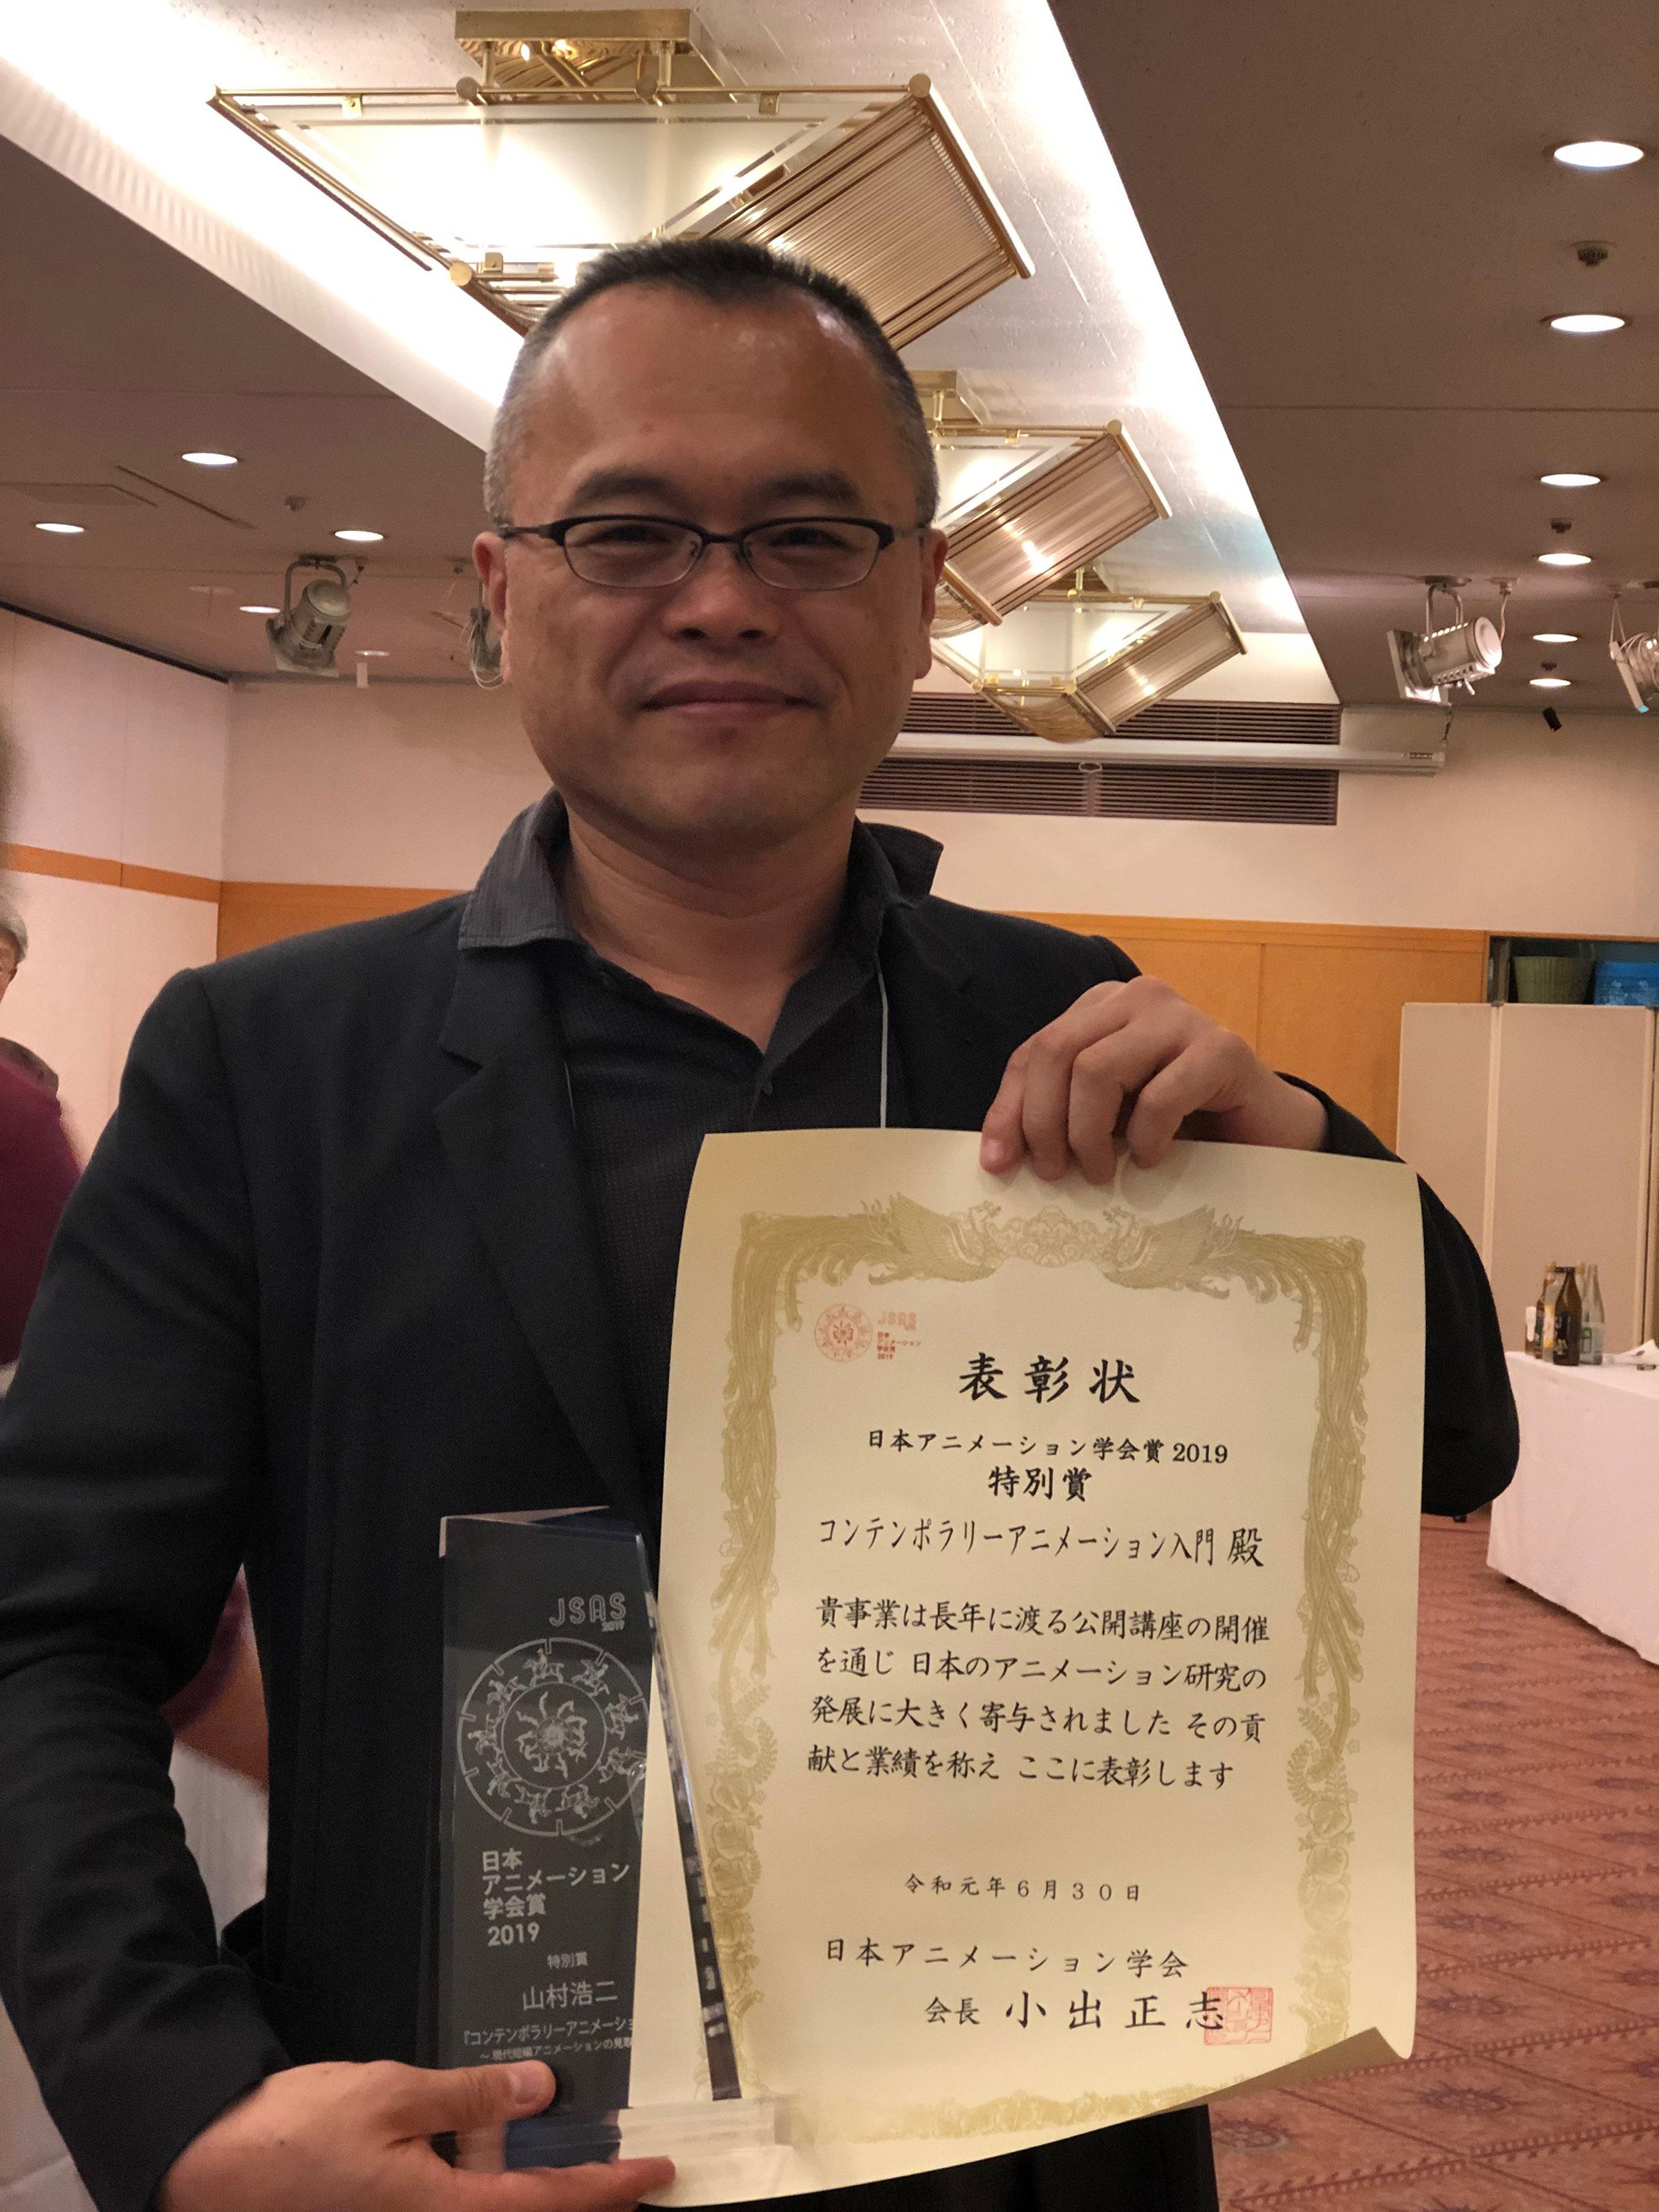 コンテンポラリーアニメーション入門 が日本アニメーション学会受賞を受賞しました